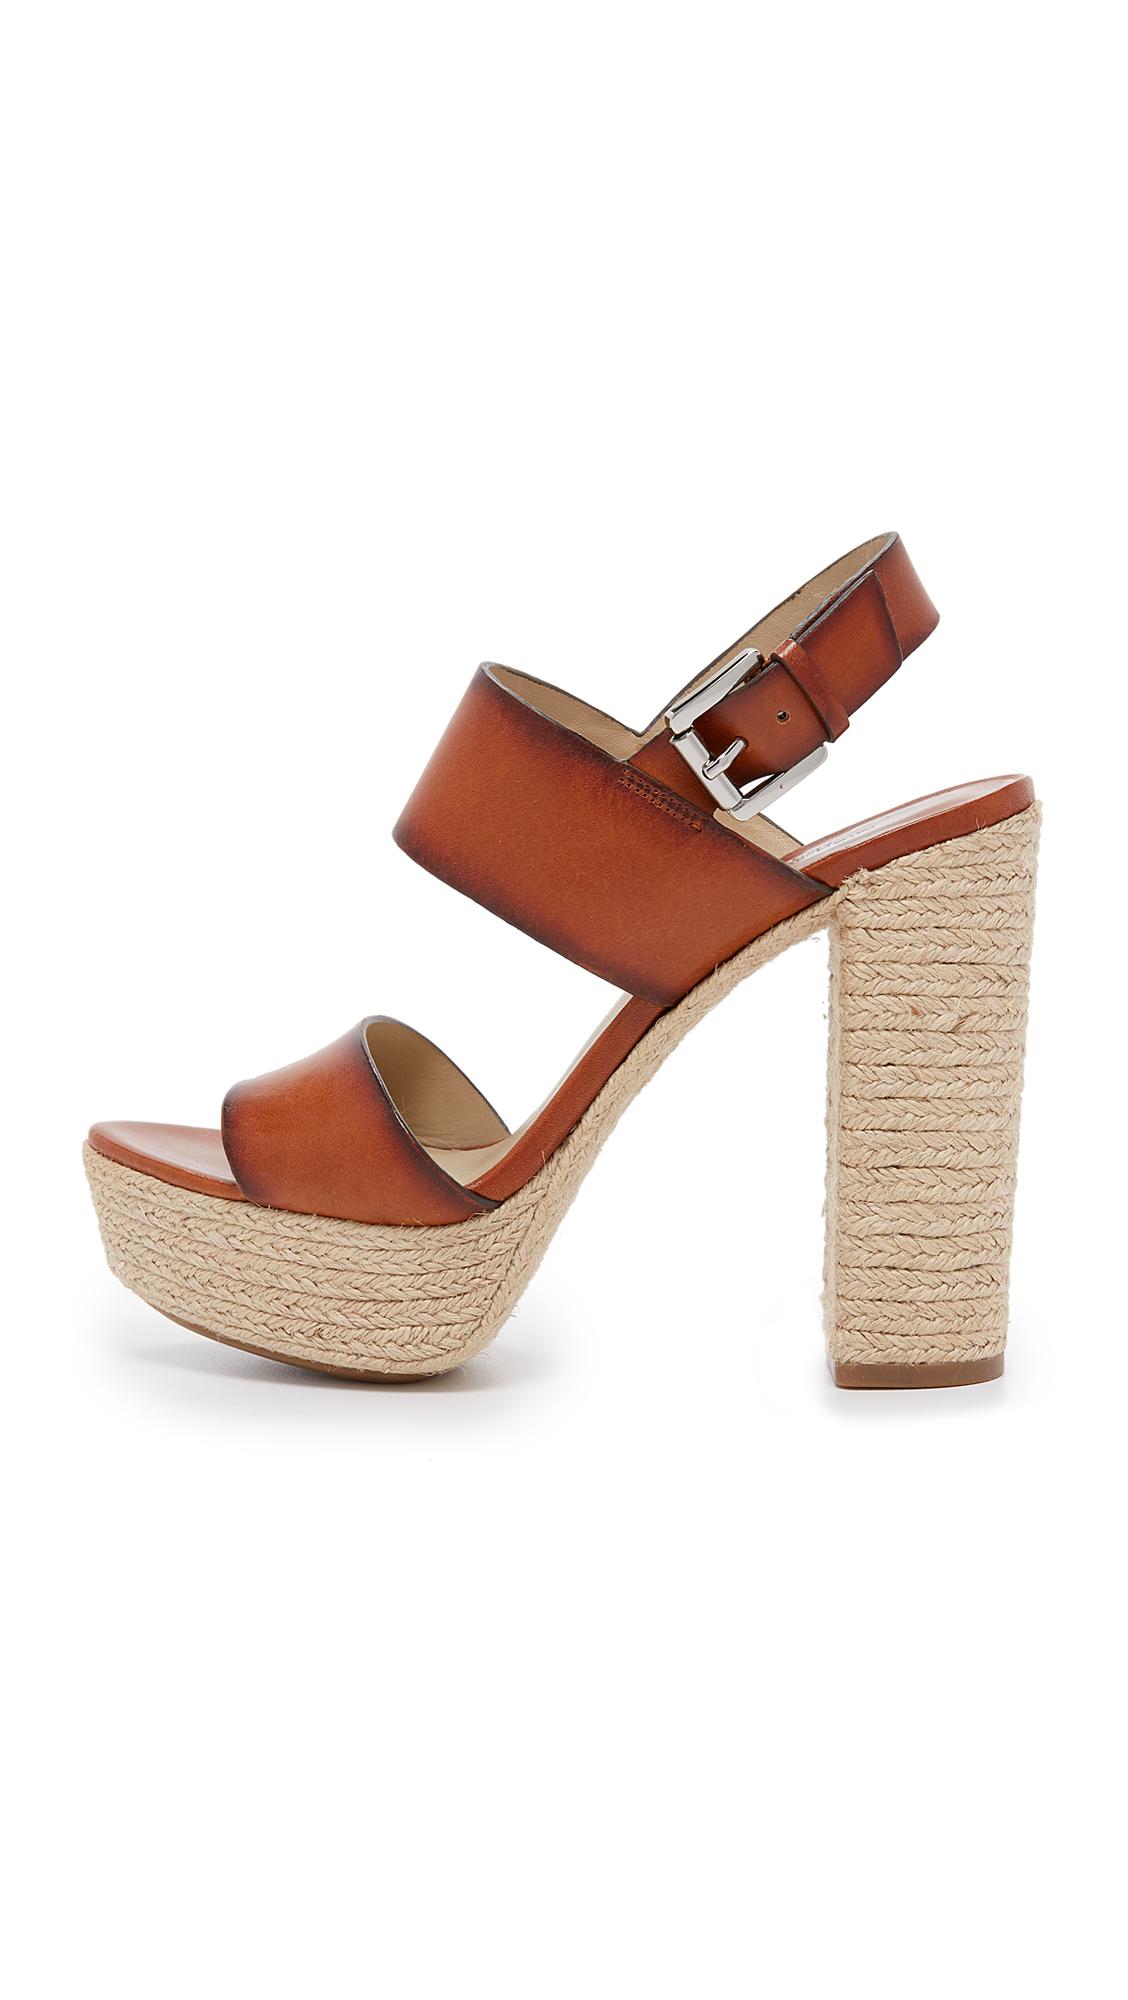 b5a55615c66e Lyst - Michael Kors Summer Platform Sandals in Brown